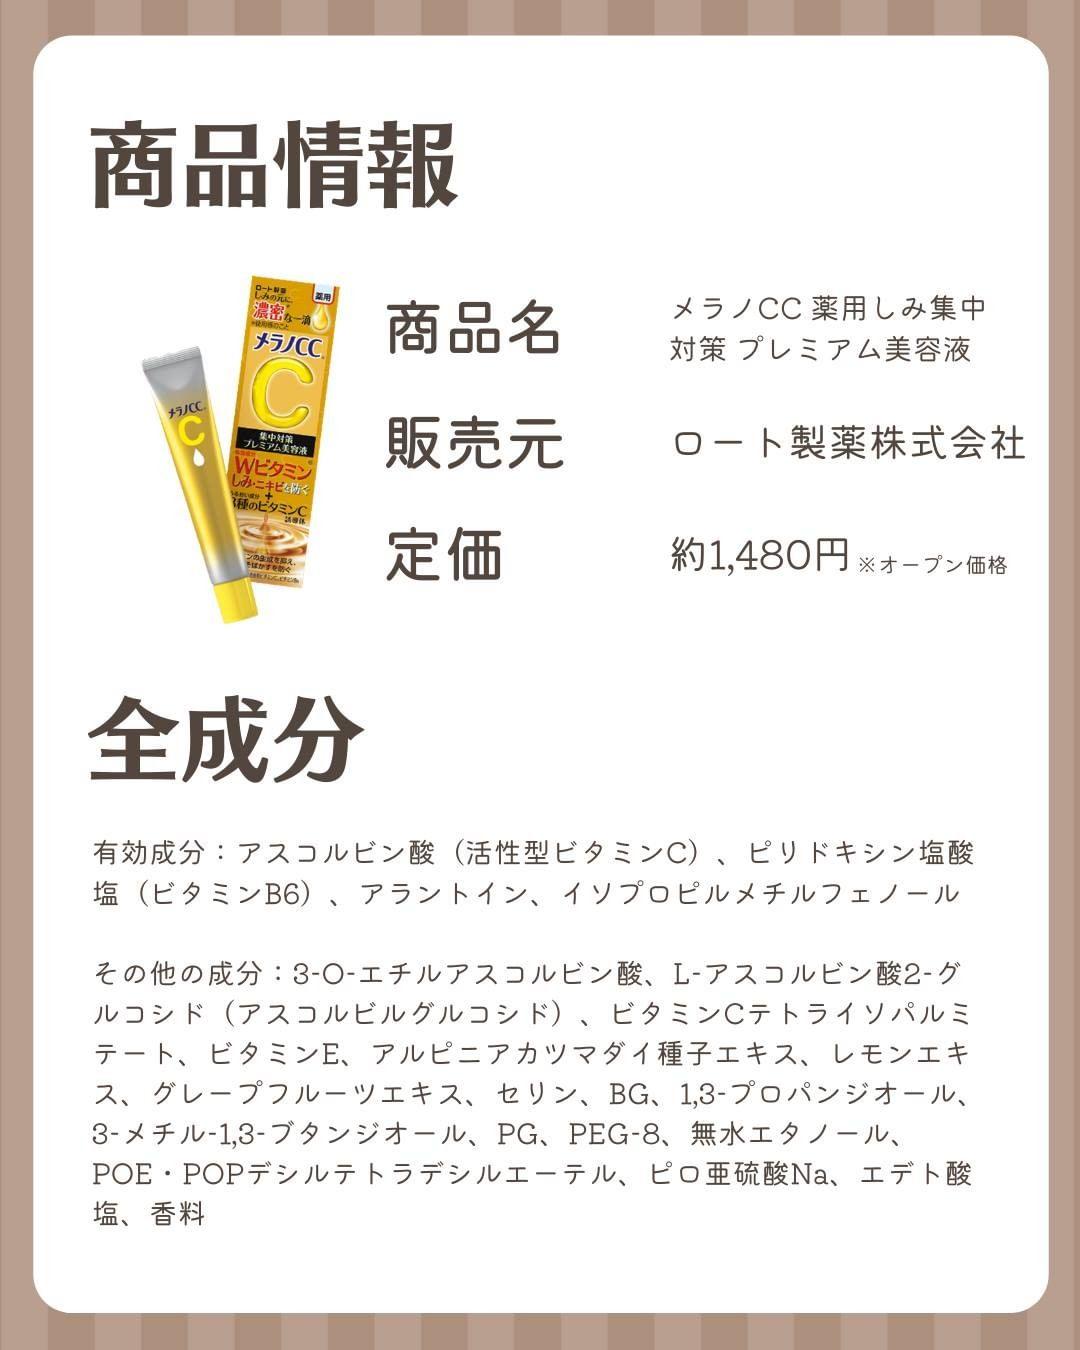 メラノCC 薬用しみ集中対策 プレミアム美容液の商品情報と成分